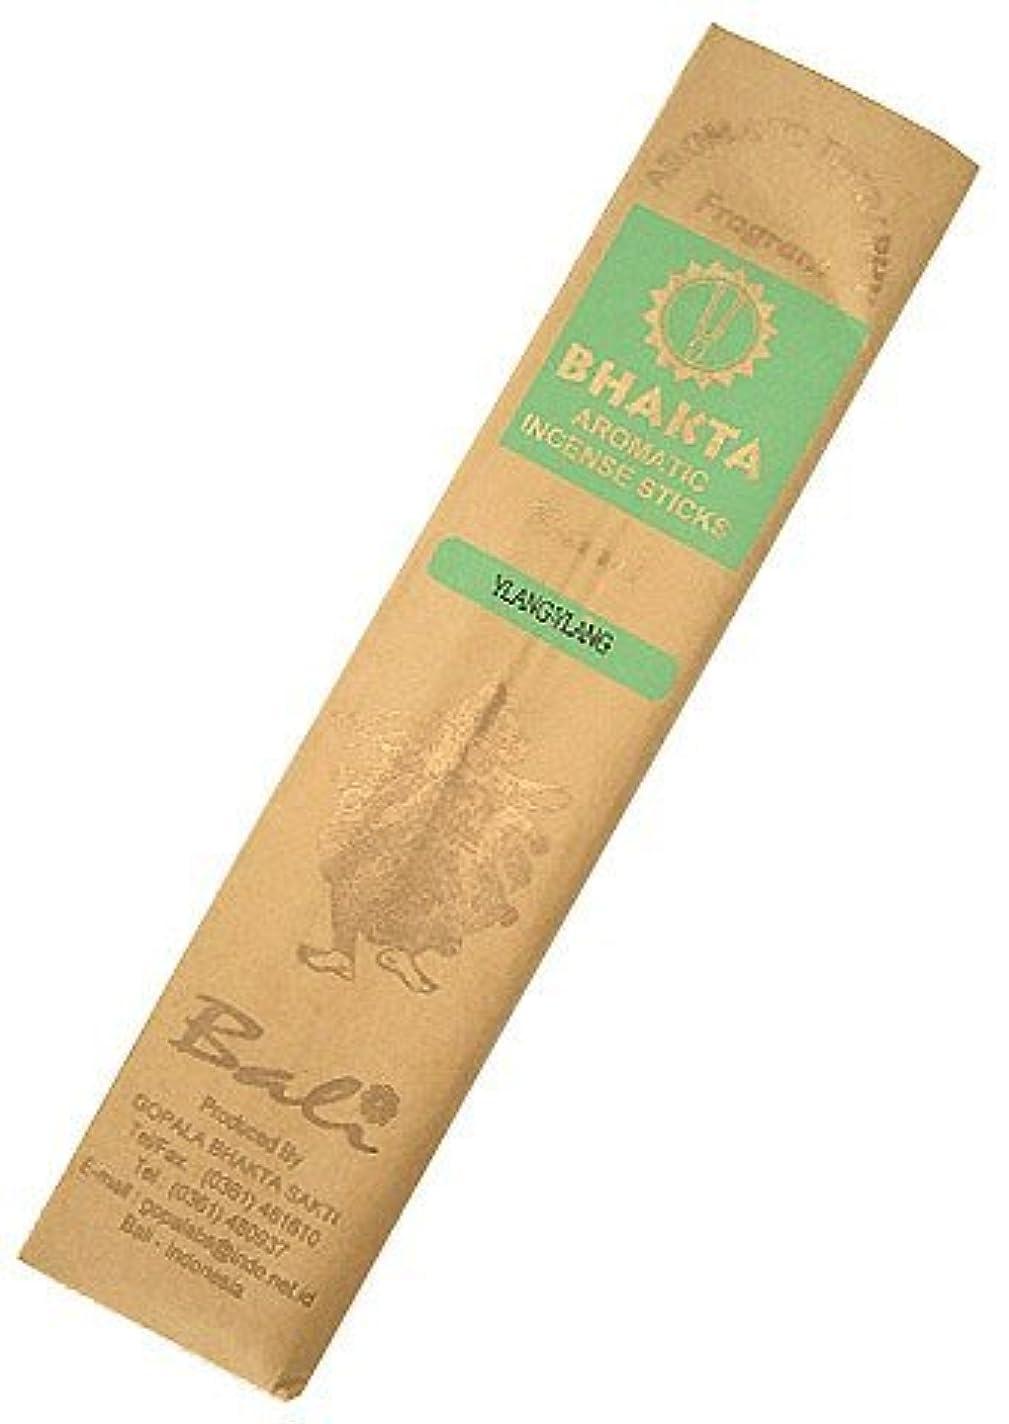 欲しいです軽蔑メディックお香 BHAKTA ナチュラル スティック 香(イランイラン)ロングタイプ インセンス[アロマセラピー 癒し リラックス 雰囲気作り]インドネシア?バリ島のお香